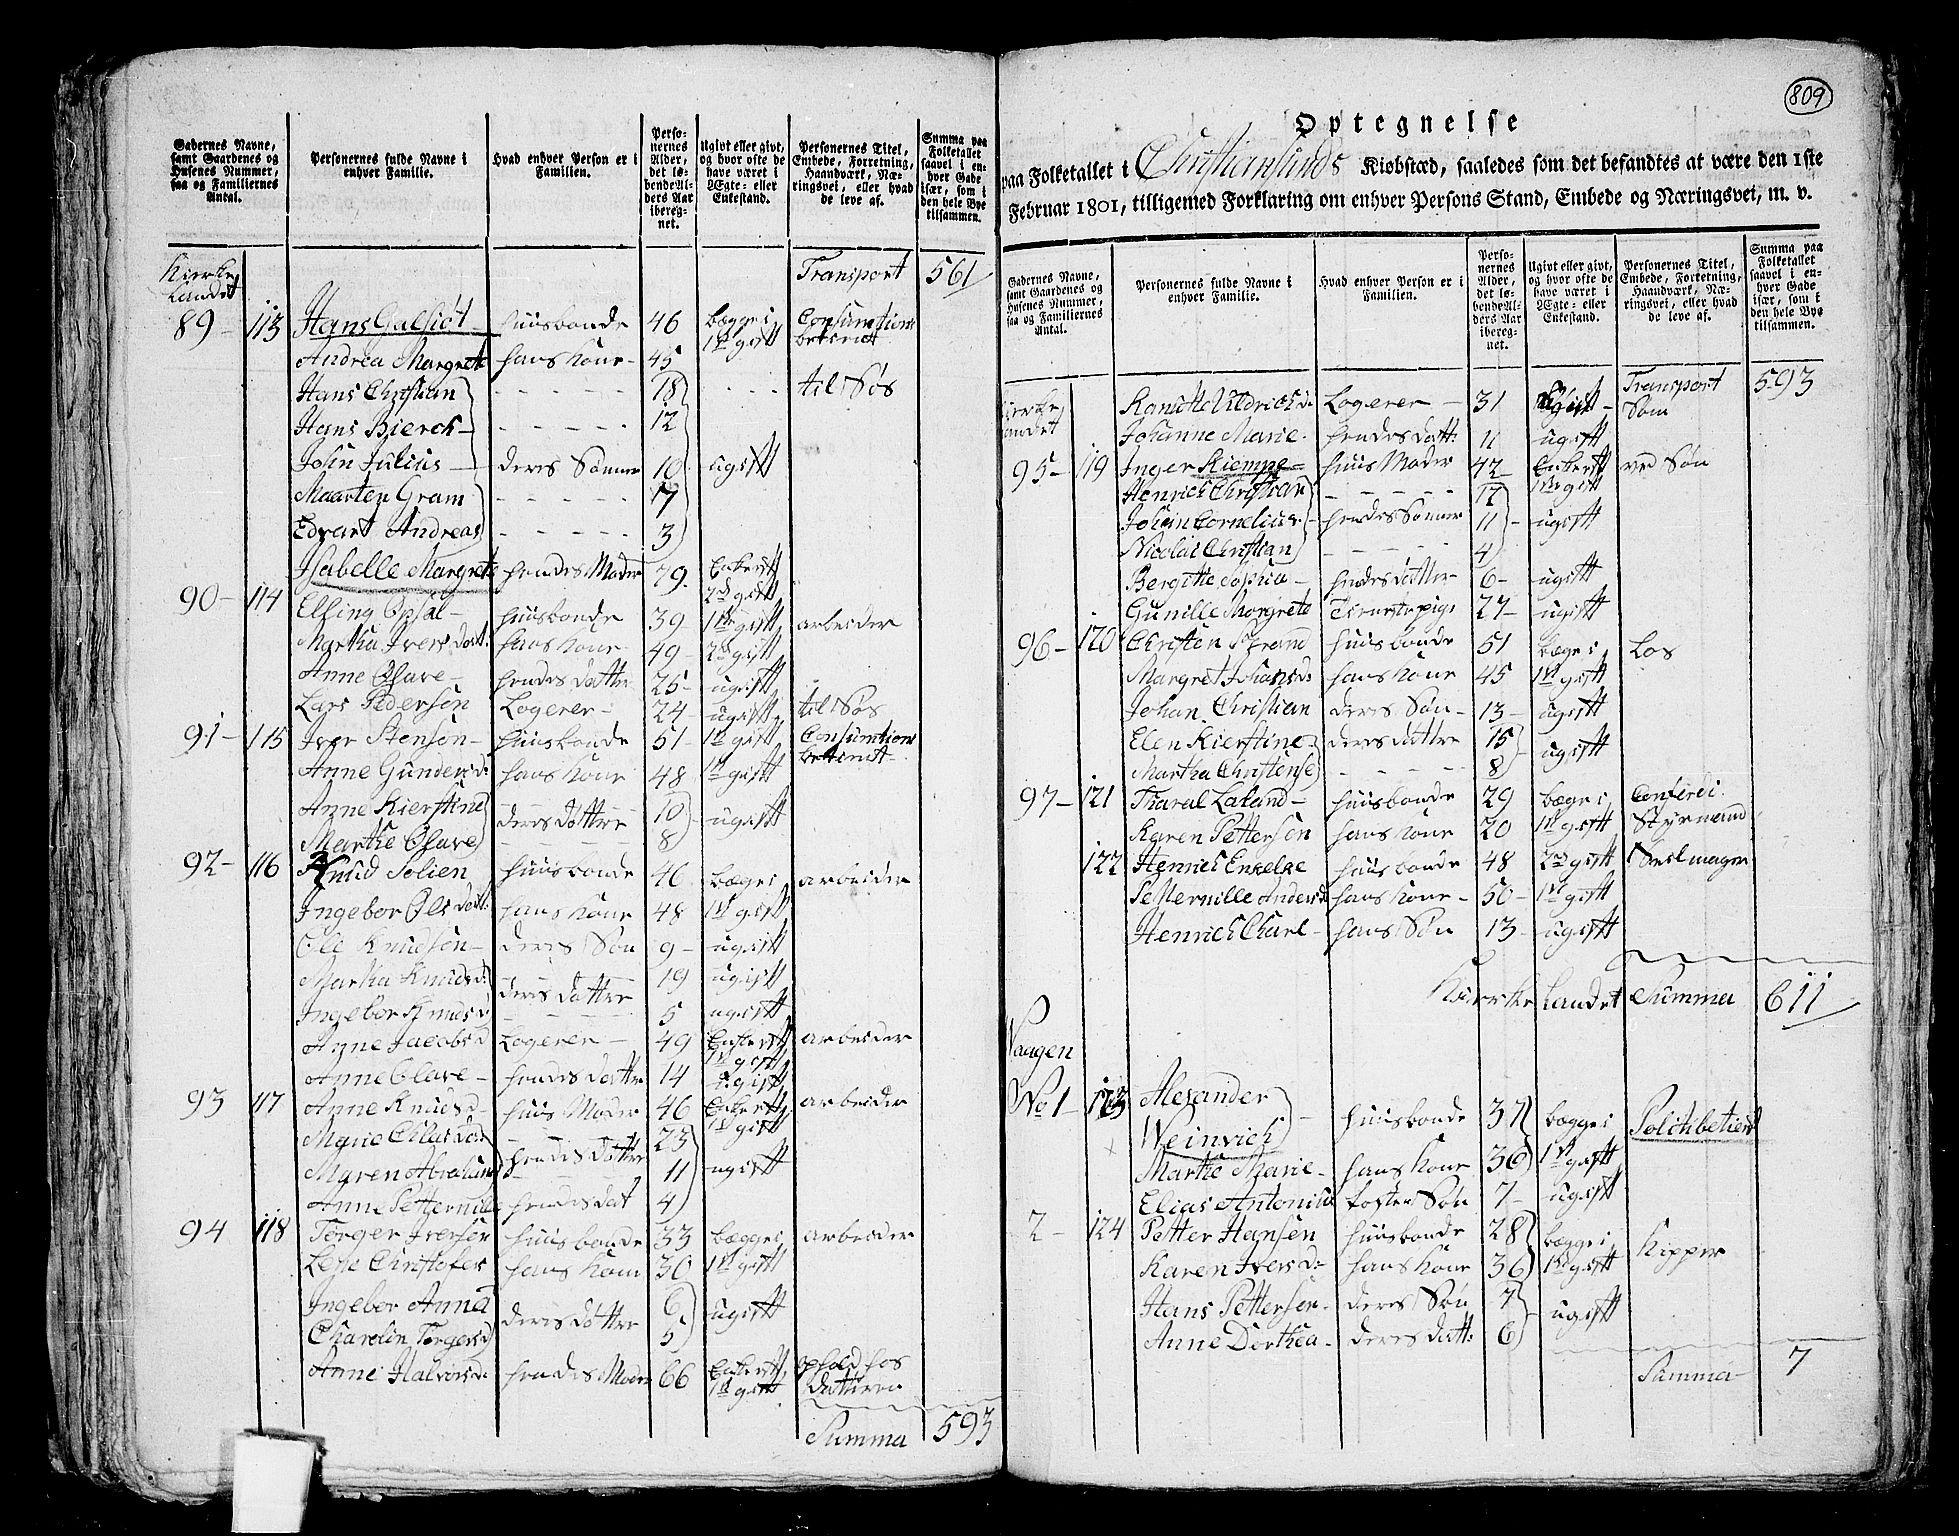 RA, Folketelling 1801 for 1553P Kvernes prestegjeld, 1801, s. 808b-809a